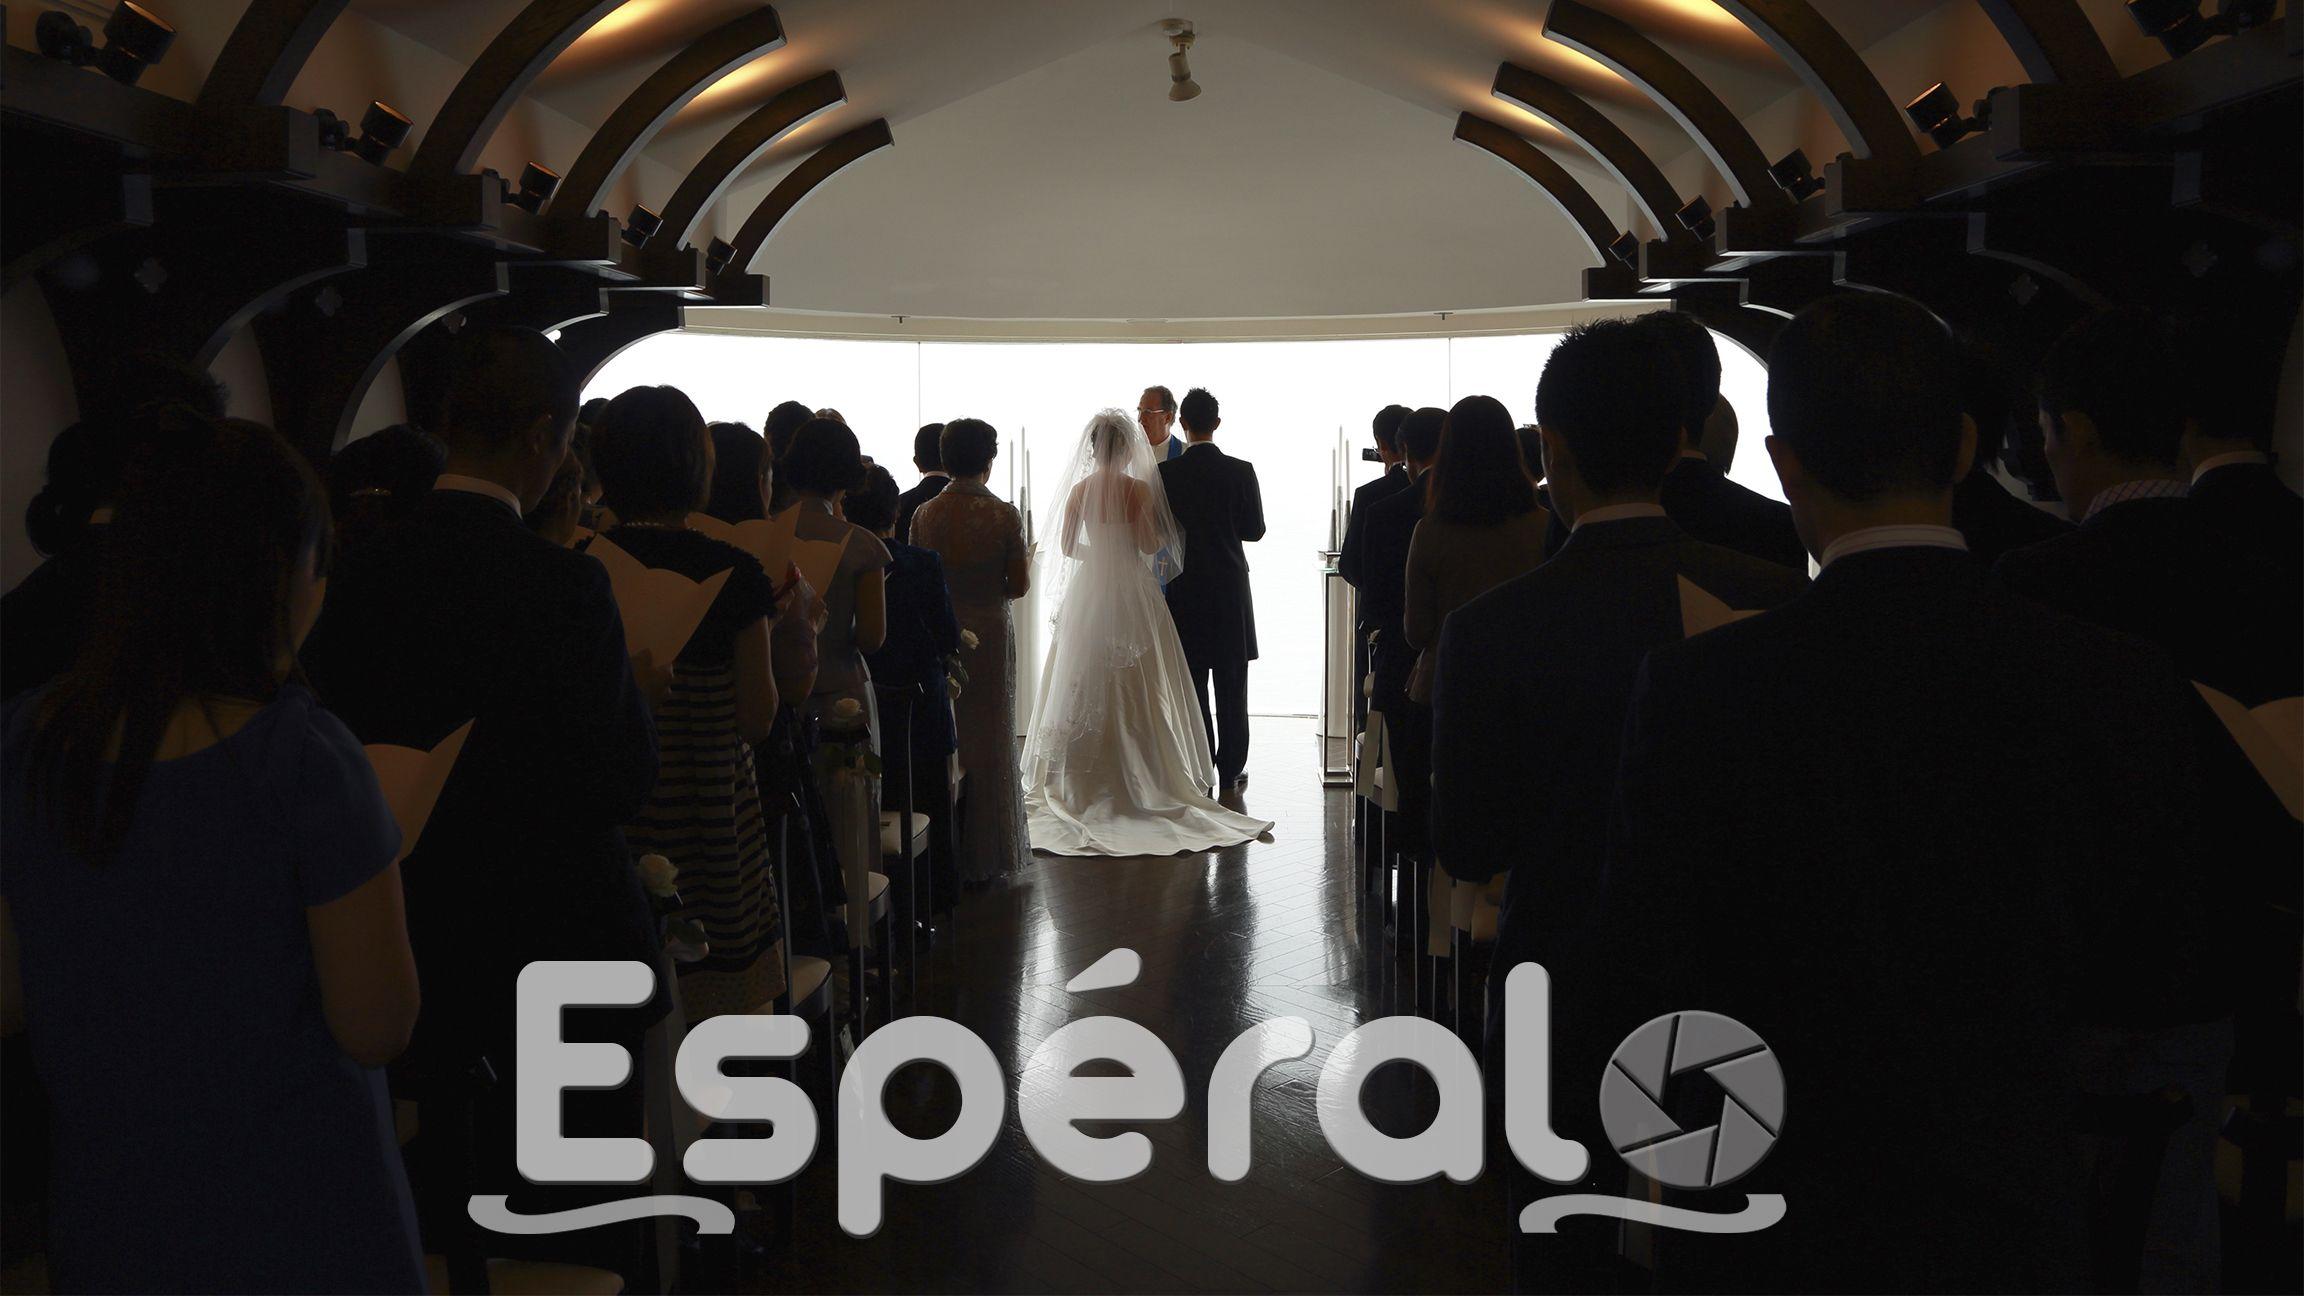 La mejor boda con Alejandro Fotógrafo. Recuerda que el amor también es cuestión de actitud.